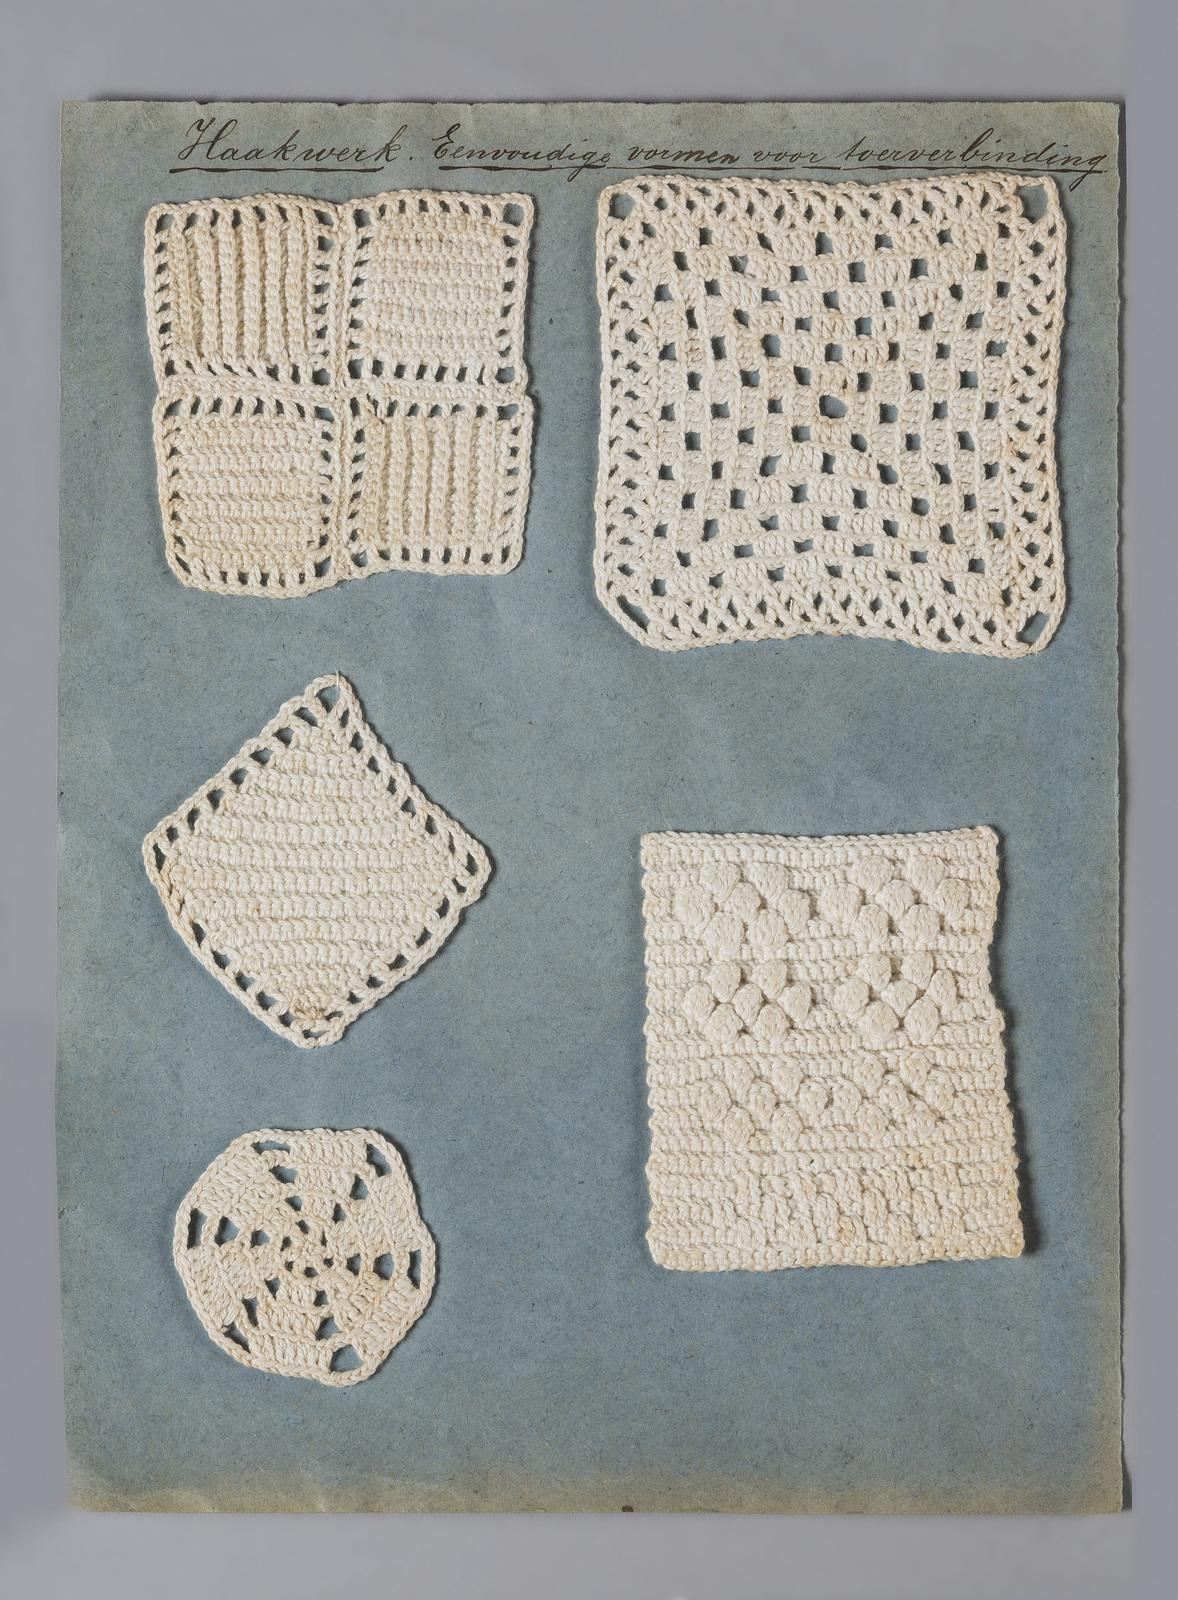 Haakwerk, vier- zes- en achthoek gemaakt door Katrina Rood